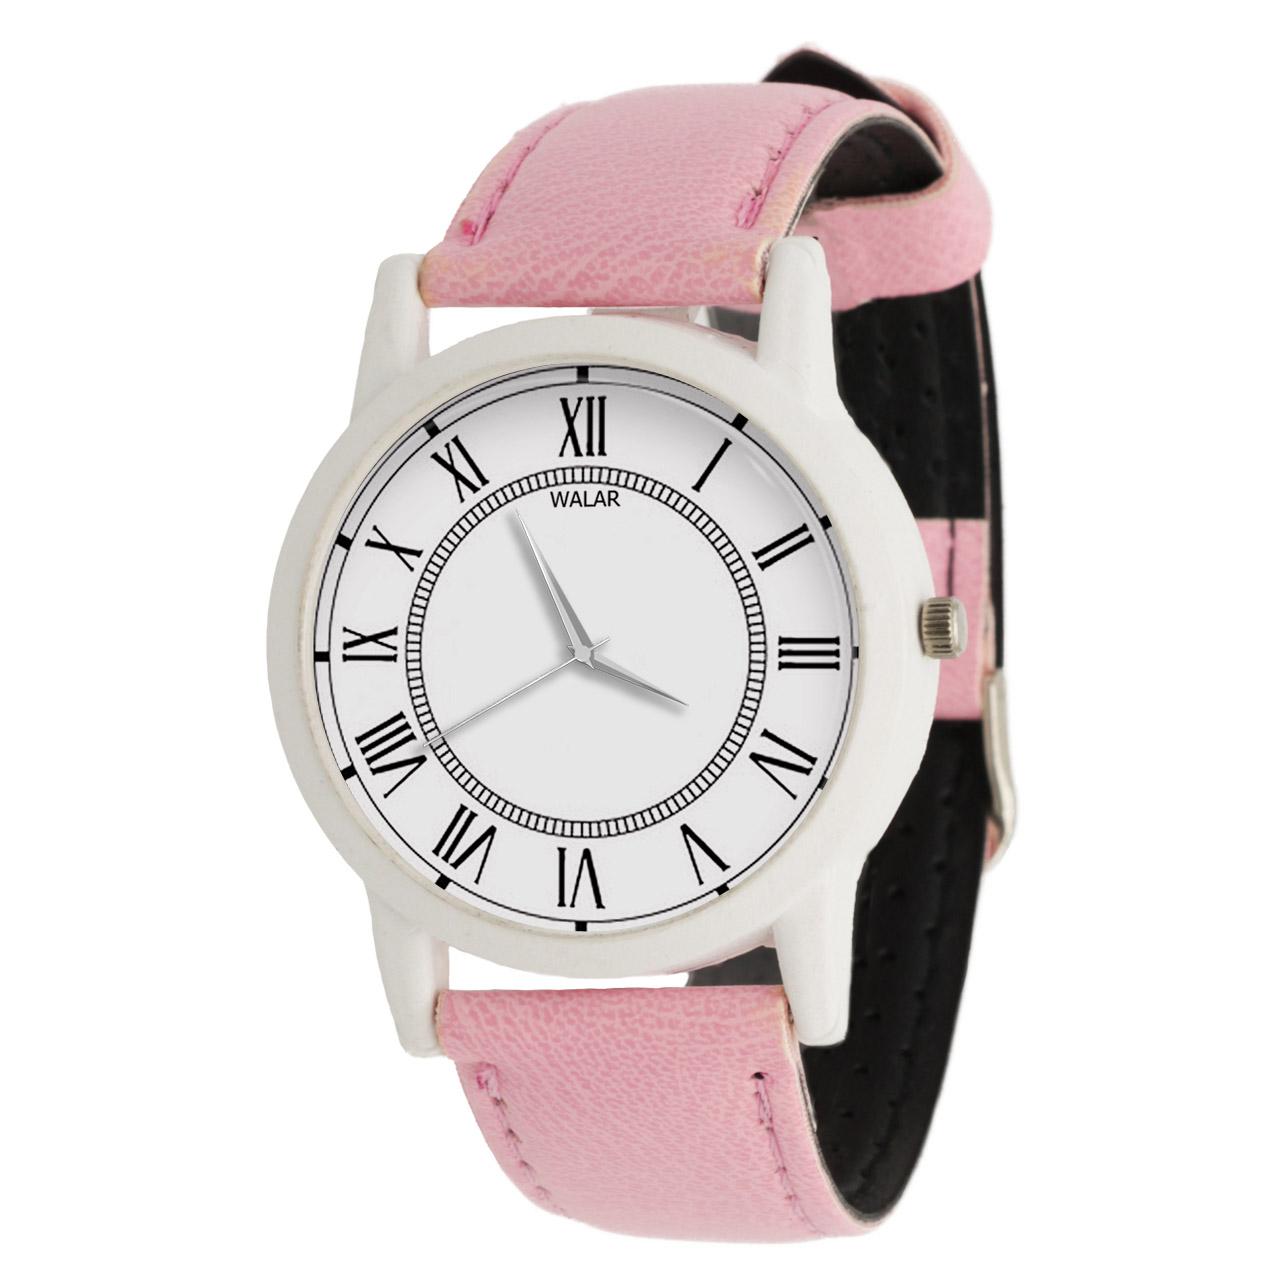 ساعت مچی عقربه ای زنانه والار کد LF1738              خرید (⭐️⭐️⭐️)